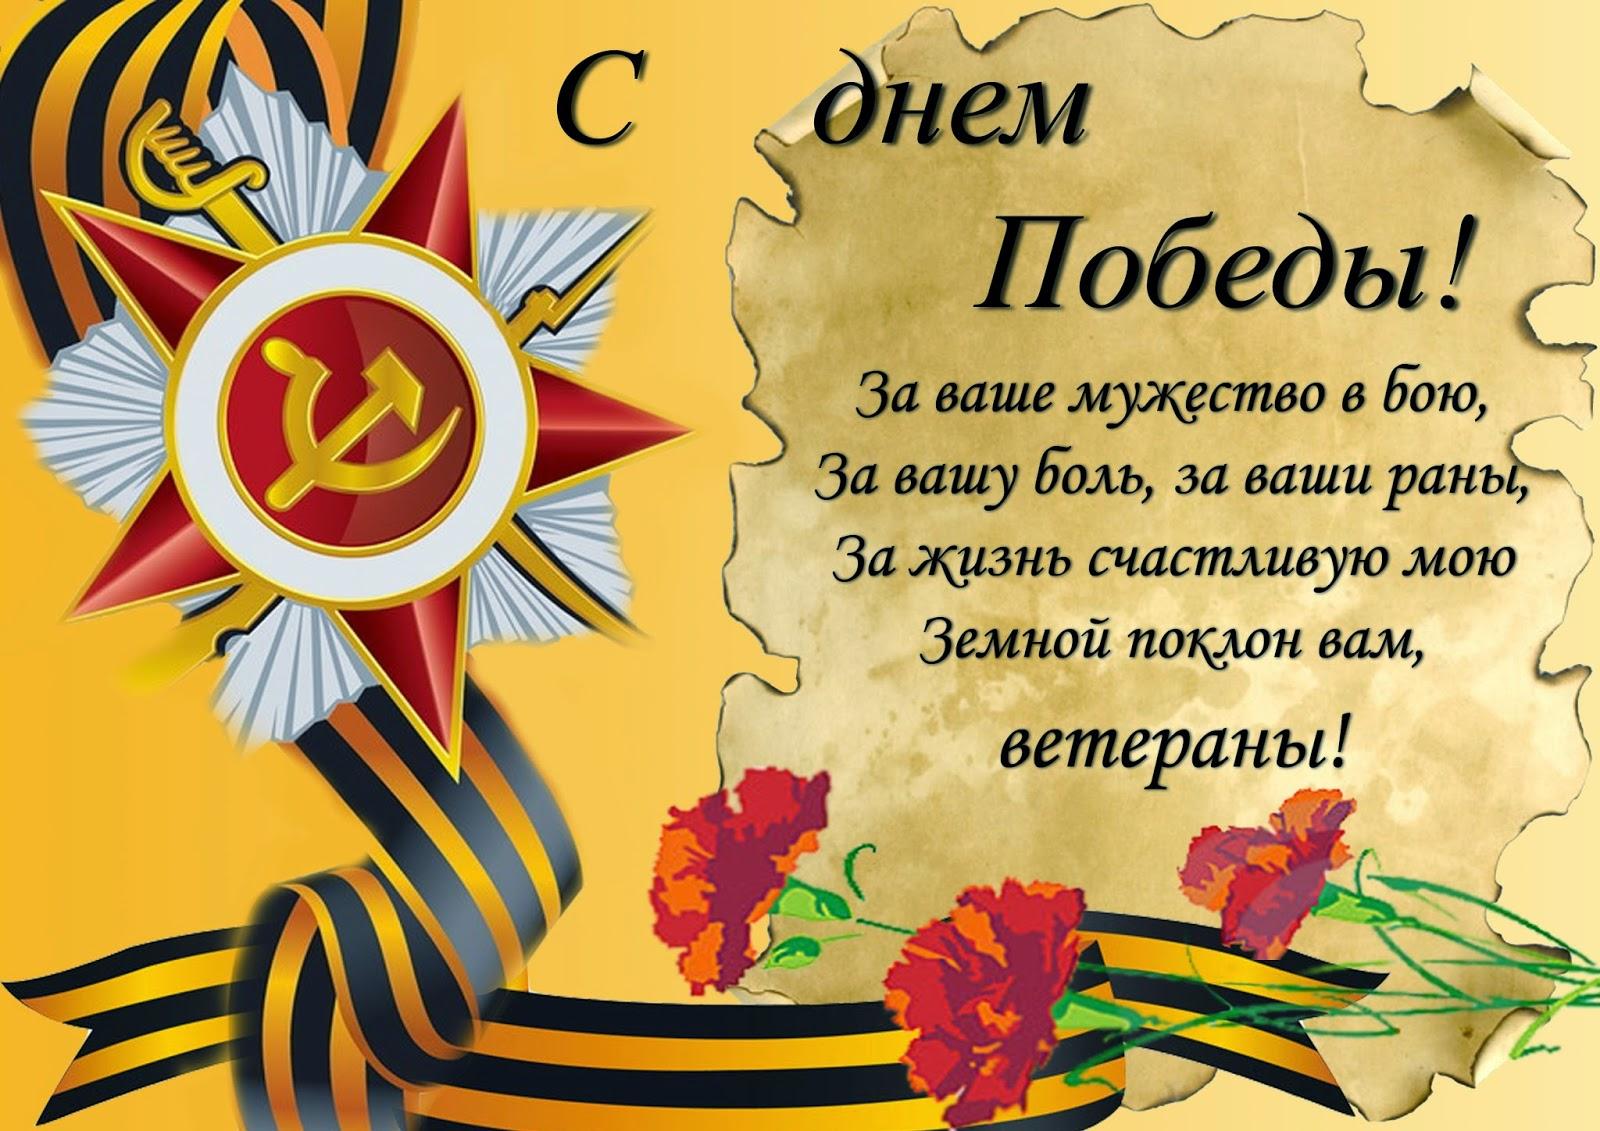 Поздравления в прозе и стихах с Днем Победы, красивые картинки, открытки, гифки